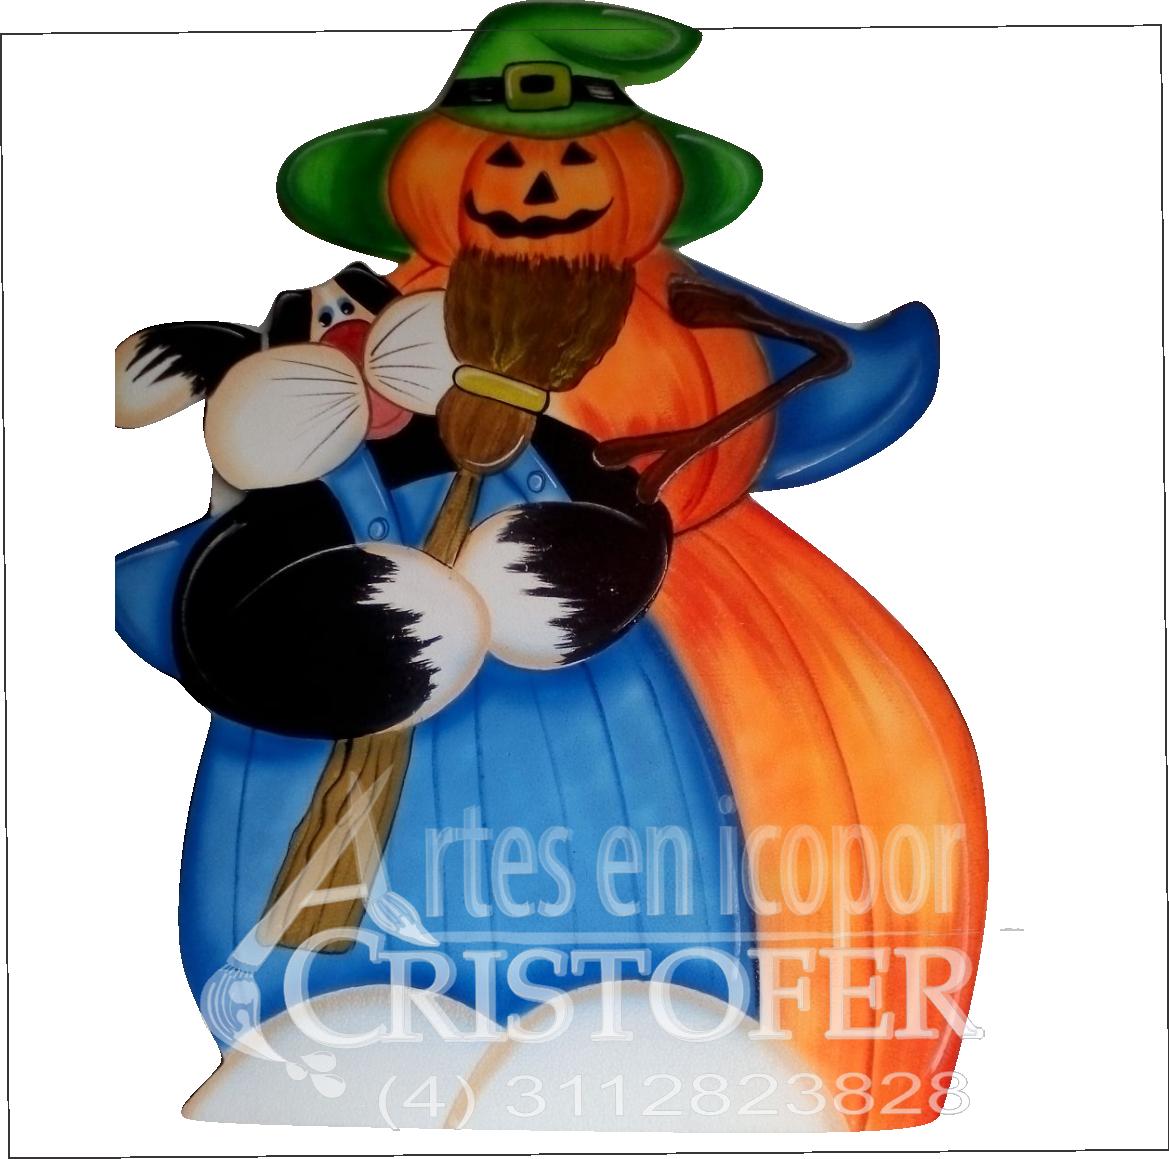 Pin de Artes en icopor cristofer en imagenes, figuras